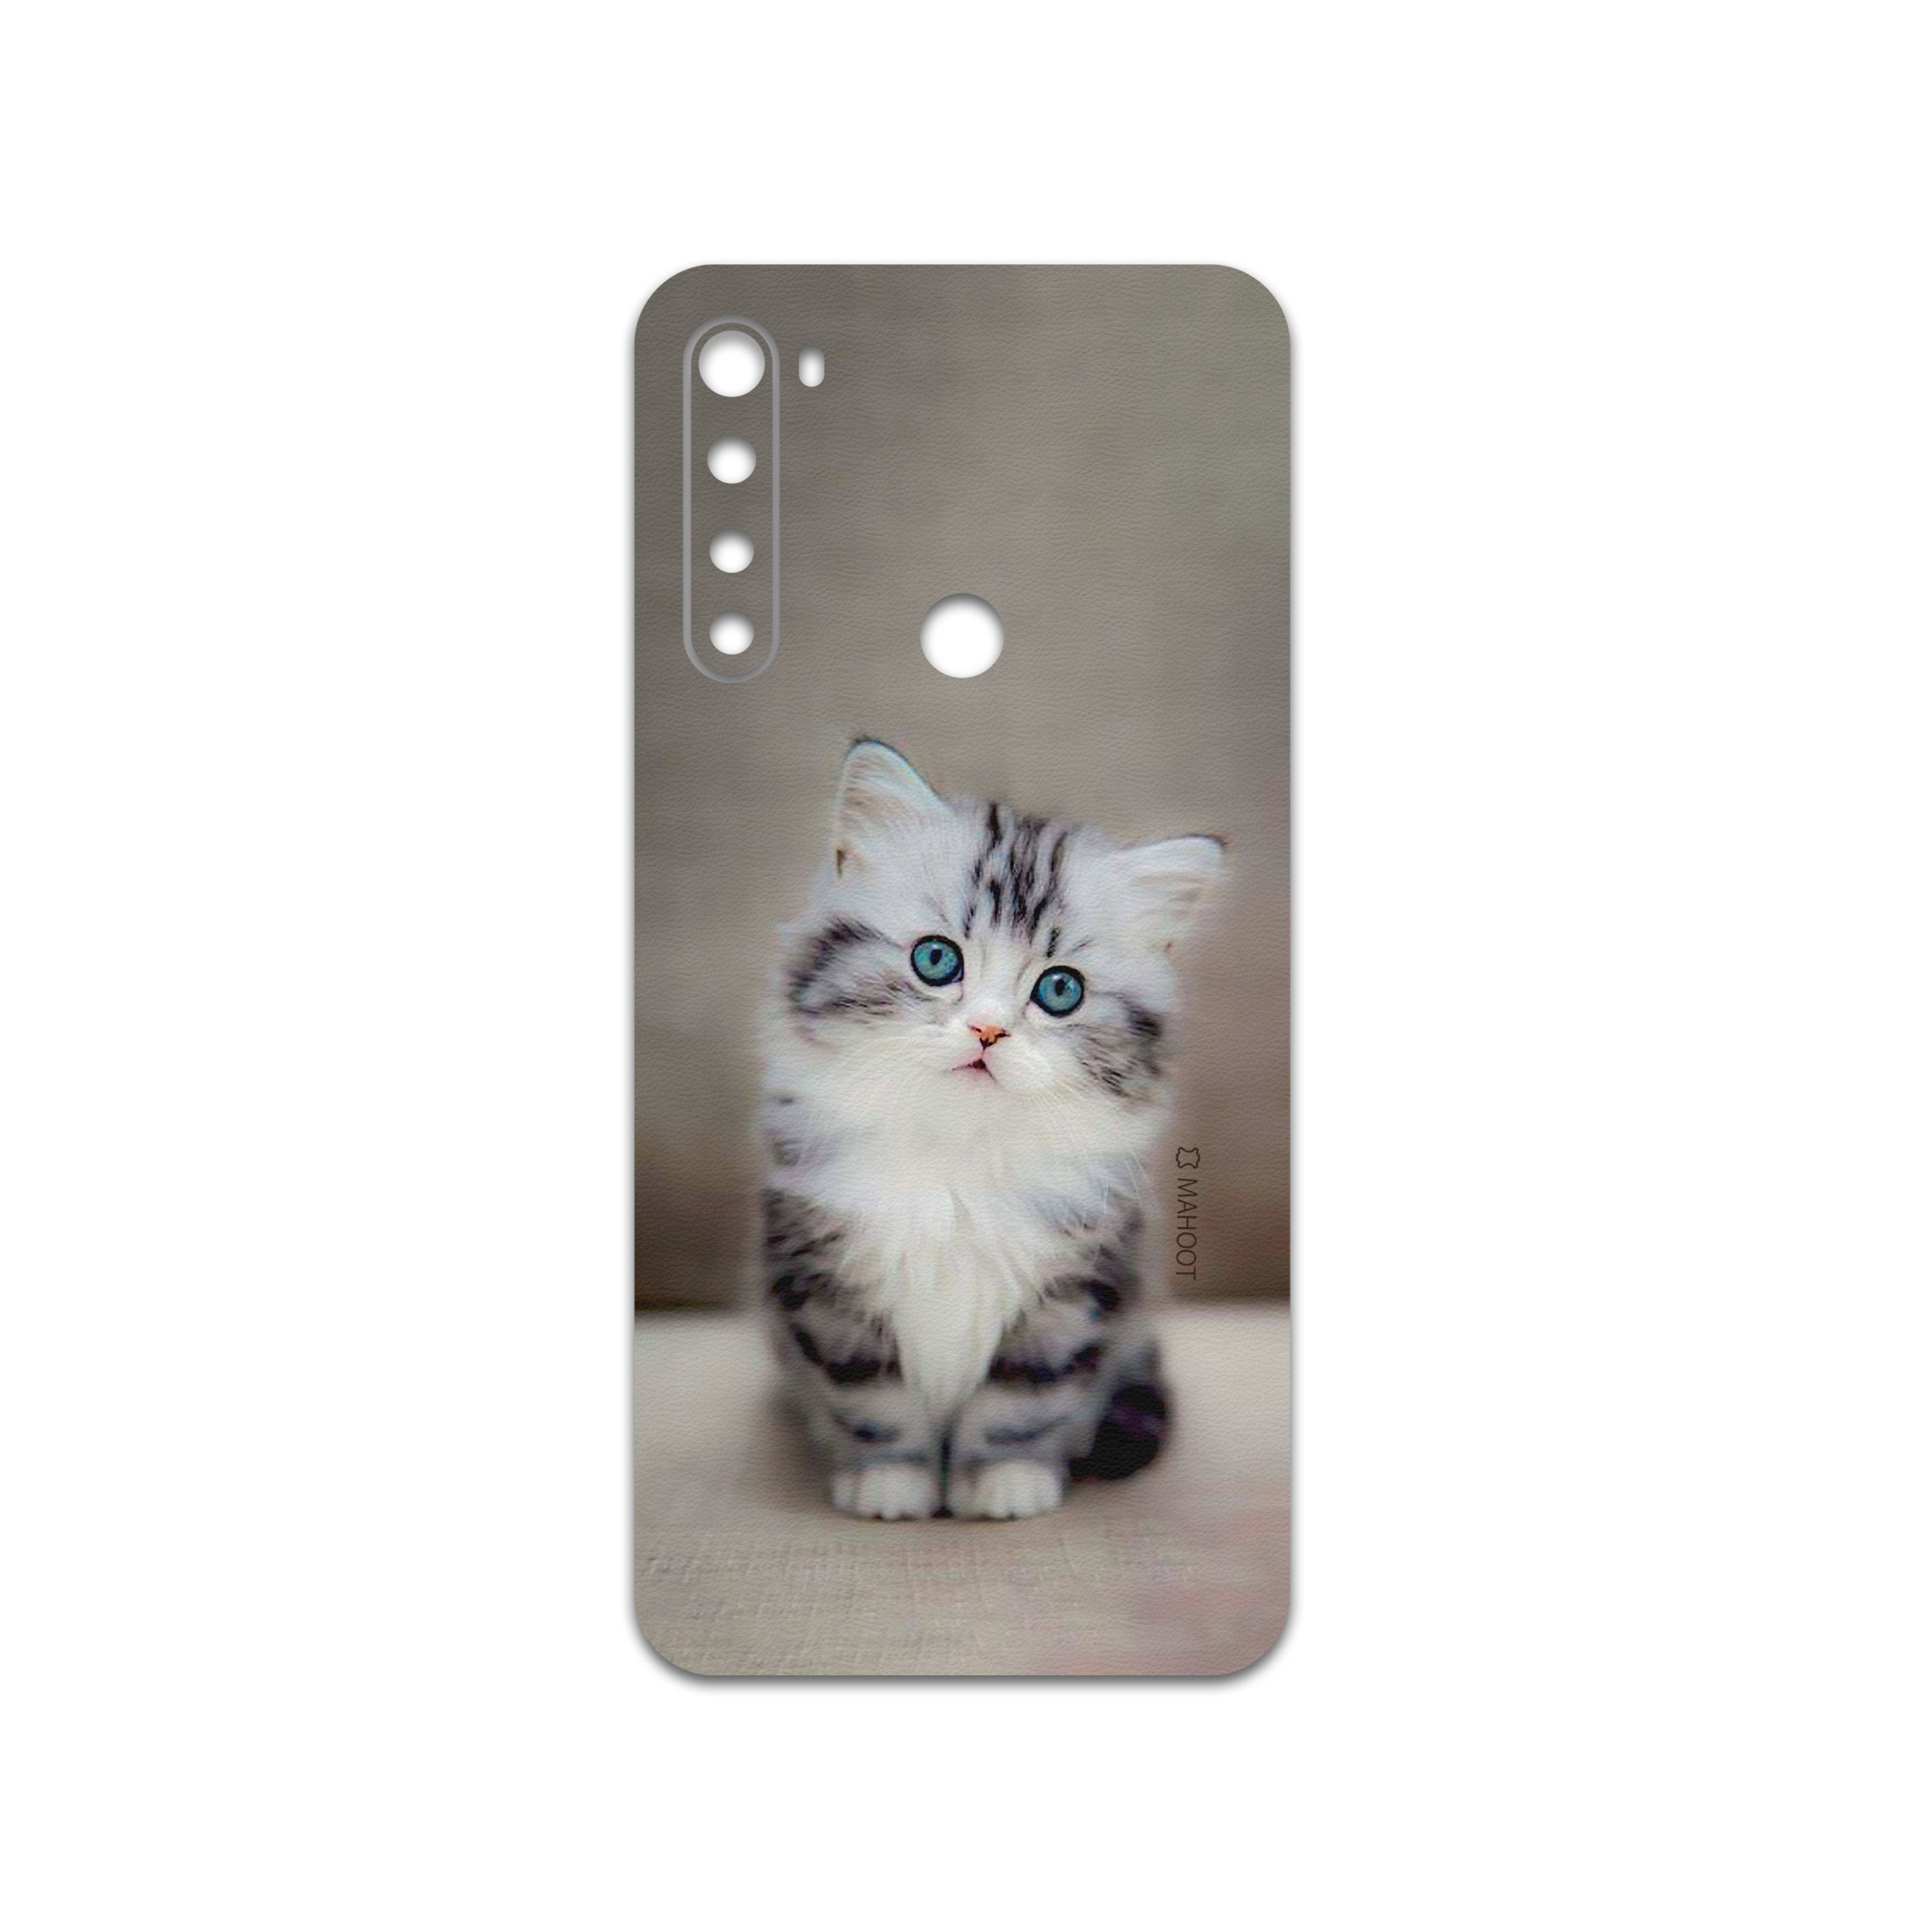 برچسب پوششی ماهوت مدل Cat-2 مناسب برای گوشی موبایل شیائومی Redmi Note 8